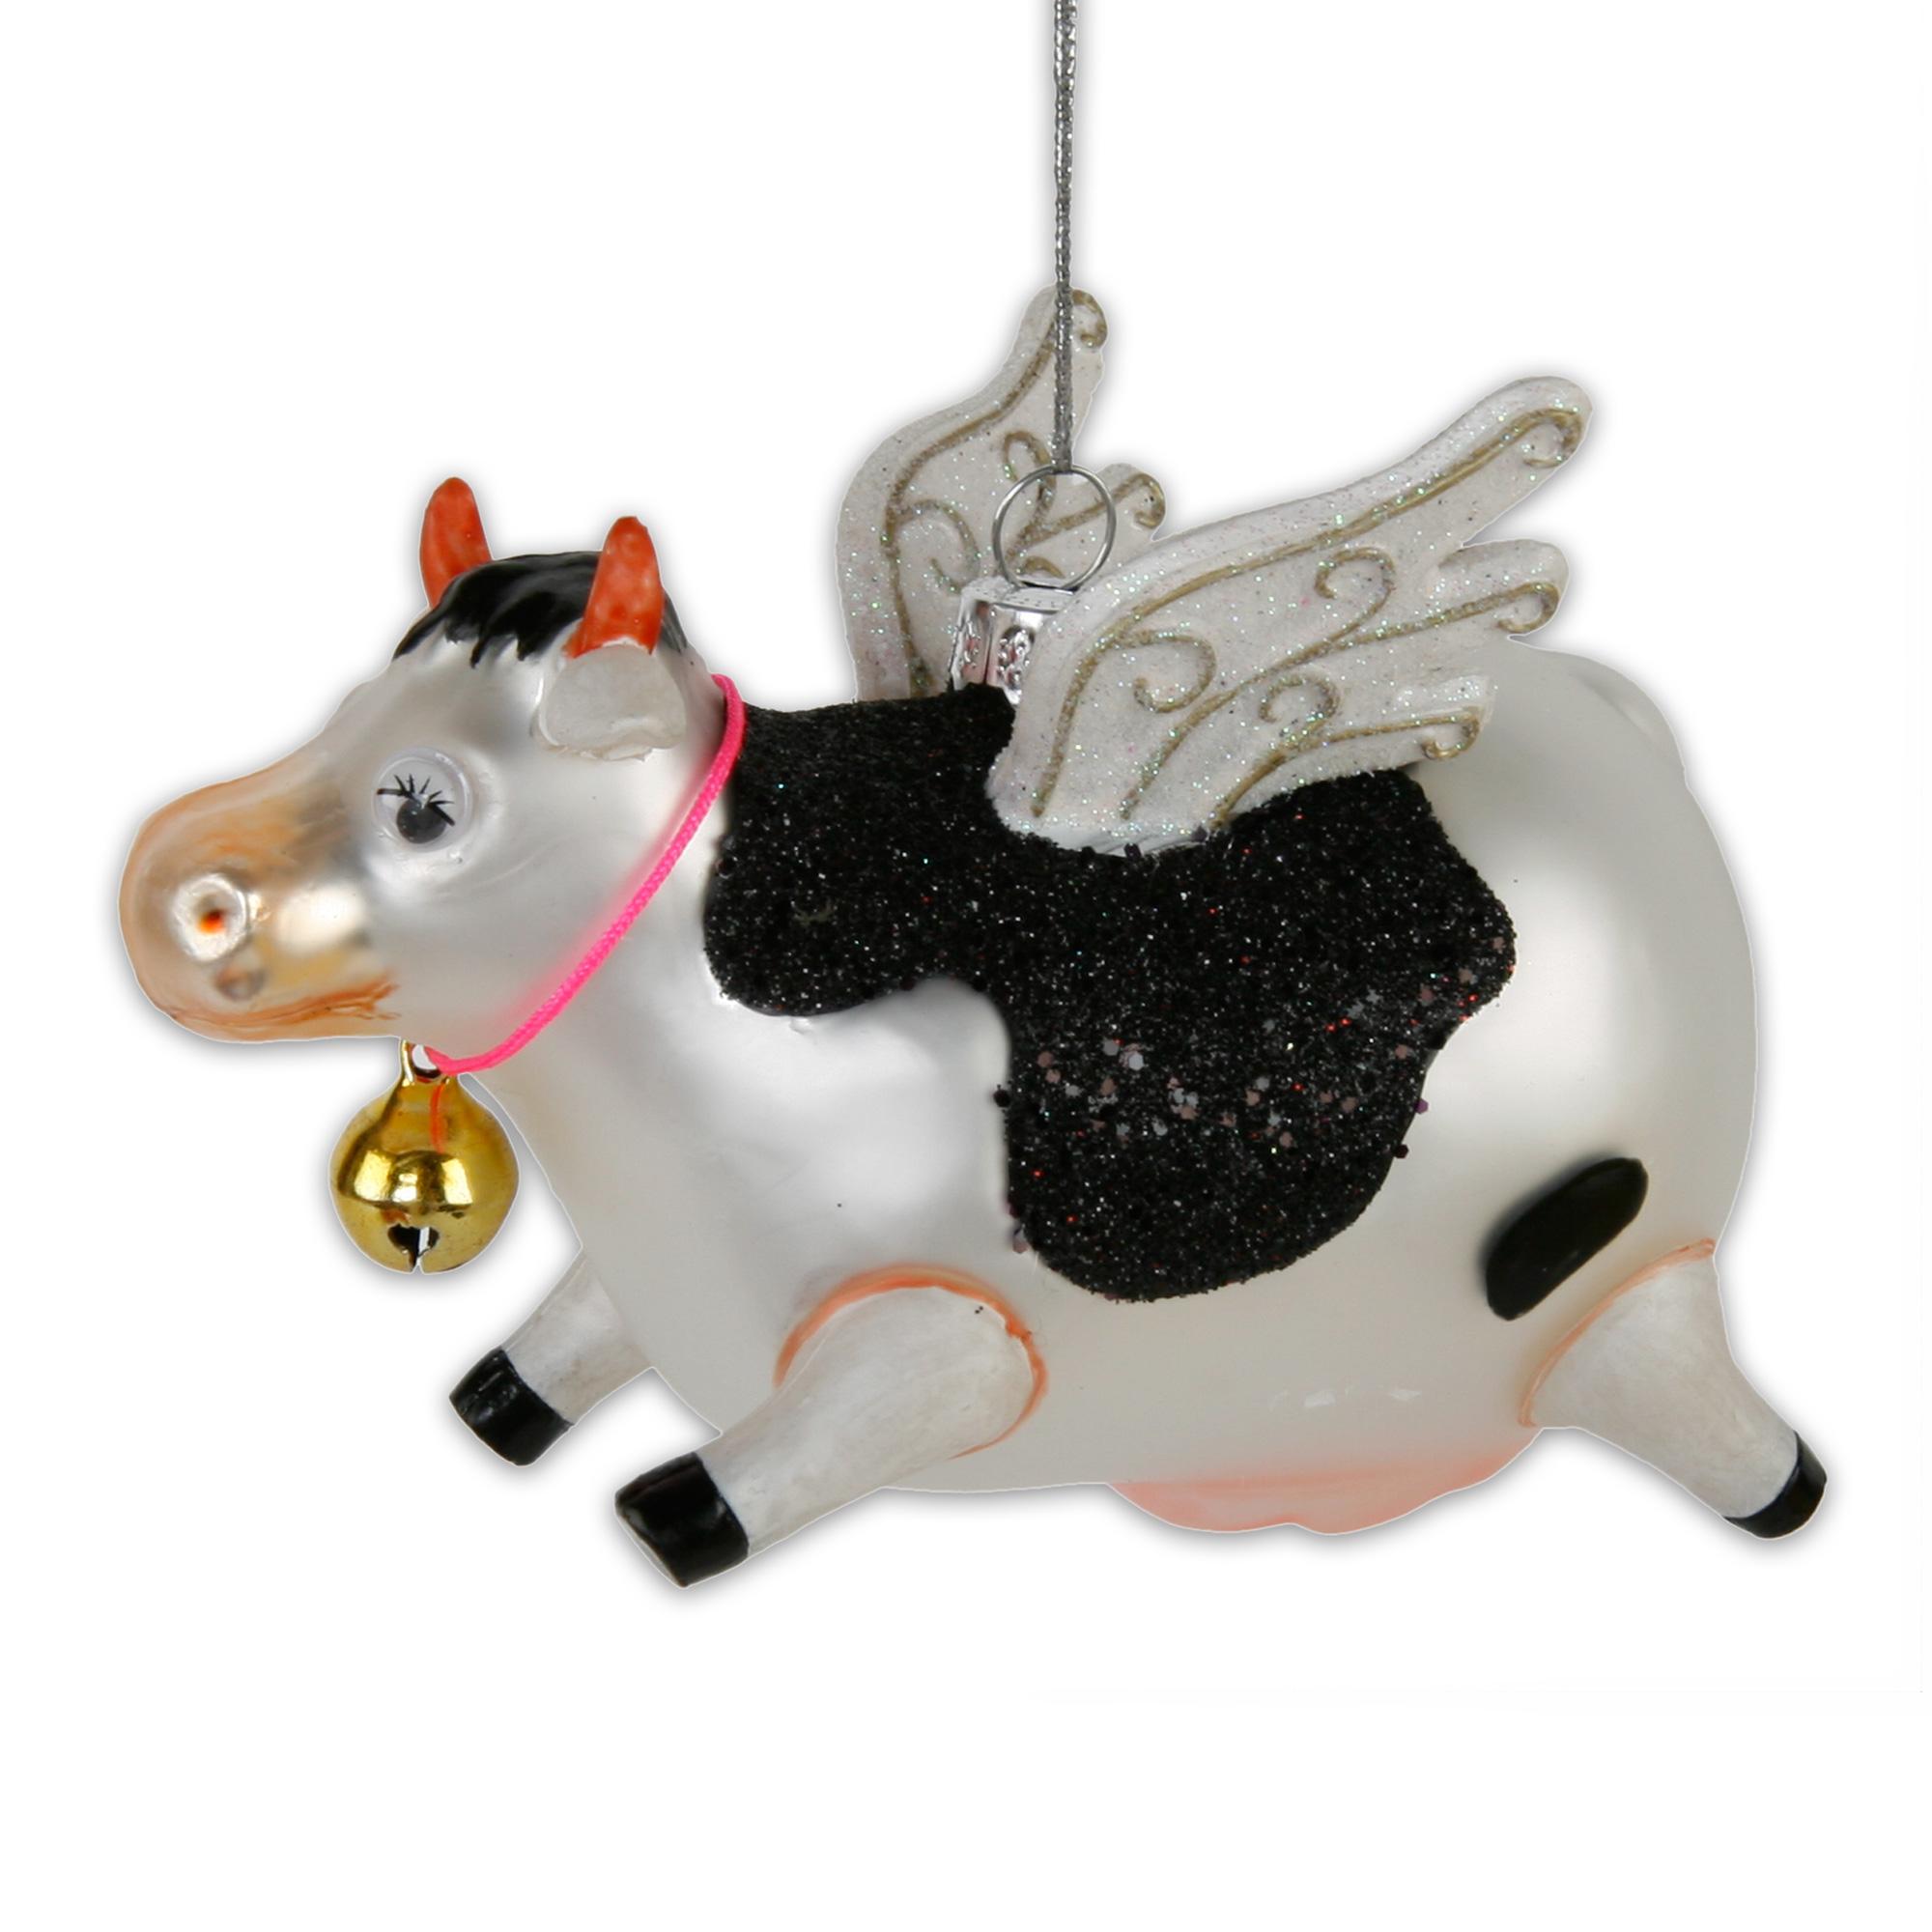 Baumschmuck-Christbaumkugel-Weihnachtsschmuck-Weihnachtsdeko-Tiere-bunt-Pop-Art